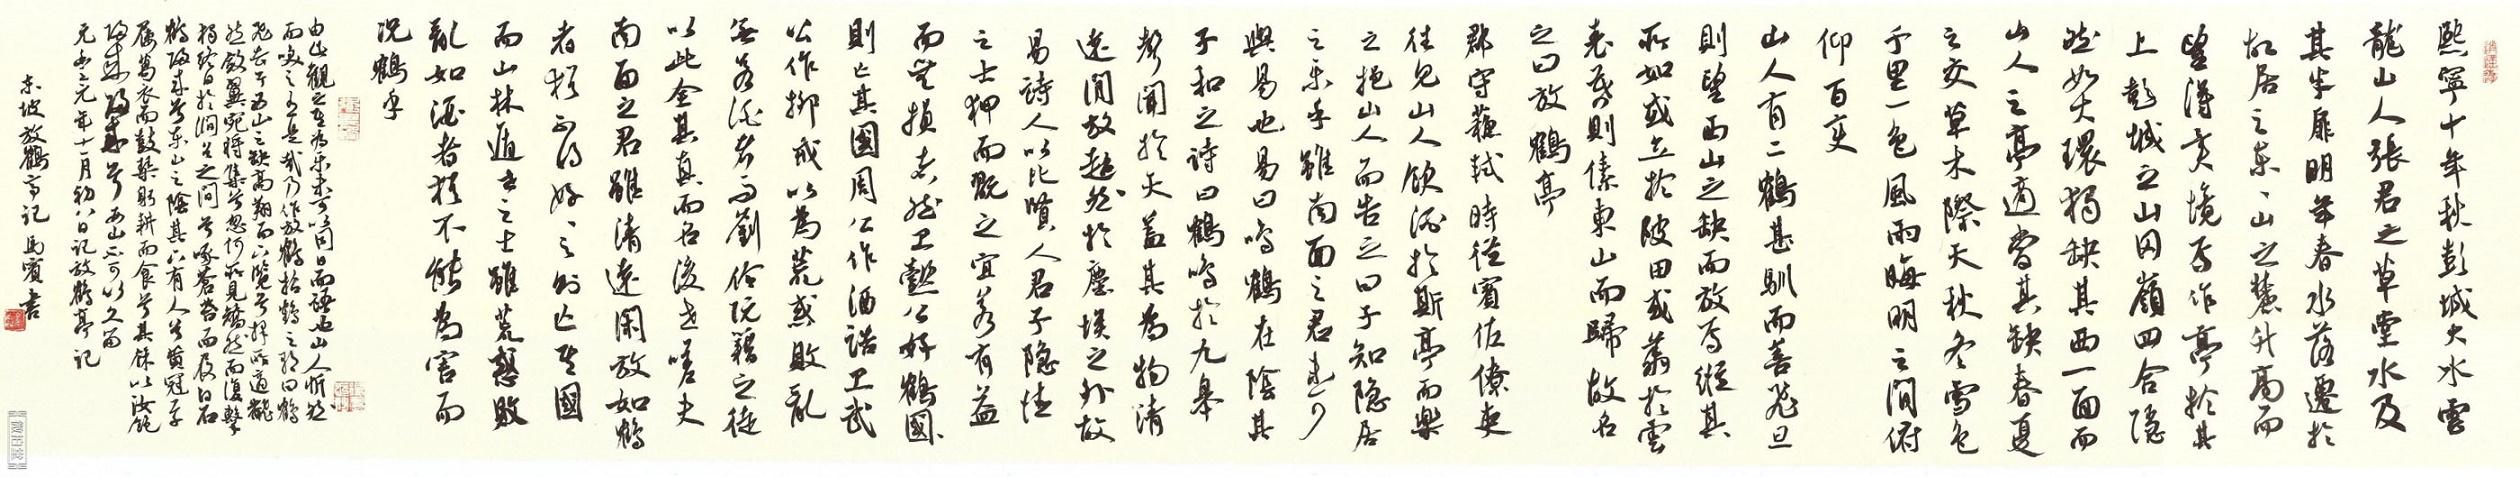 《放鹤亭记》苏轼文言文原文注释翻译 16 13